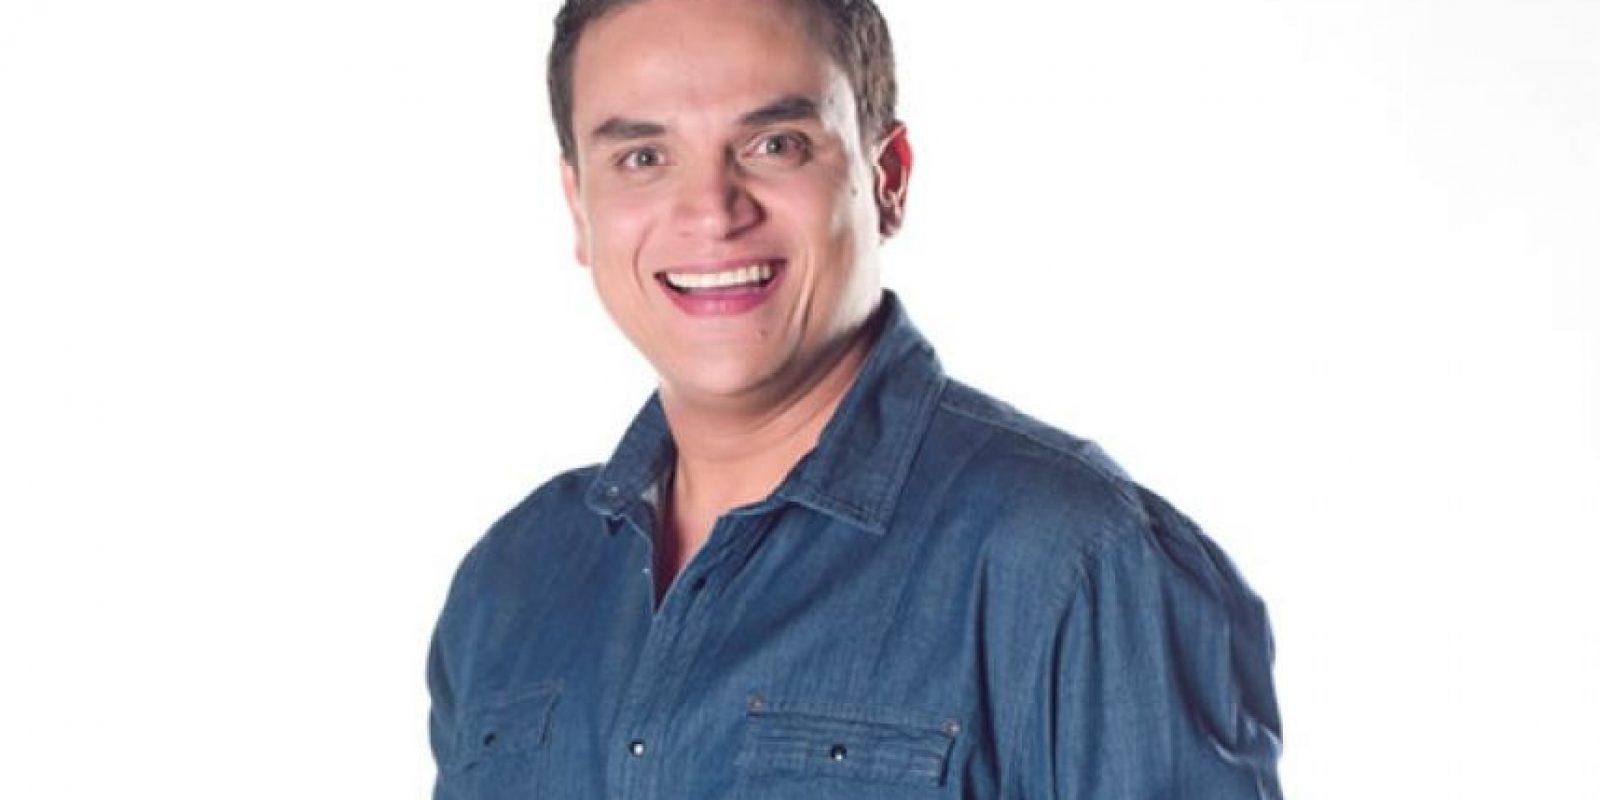 Silvestre Dangond. A través de su cuenta de Twitter el cantante de vallenato denunció ser víctima de repetidas amenazas contra él y su familia, por lo que hace tres años se vio obligado a abandonar el país. Foto:Cortesía Canal Caracol